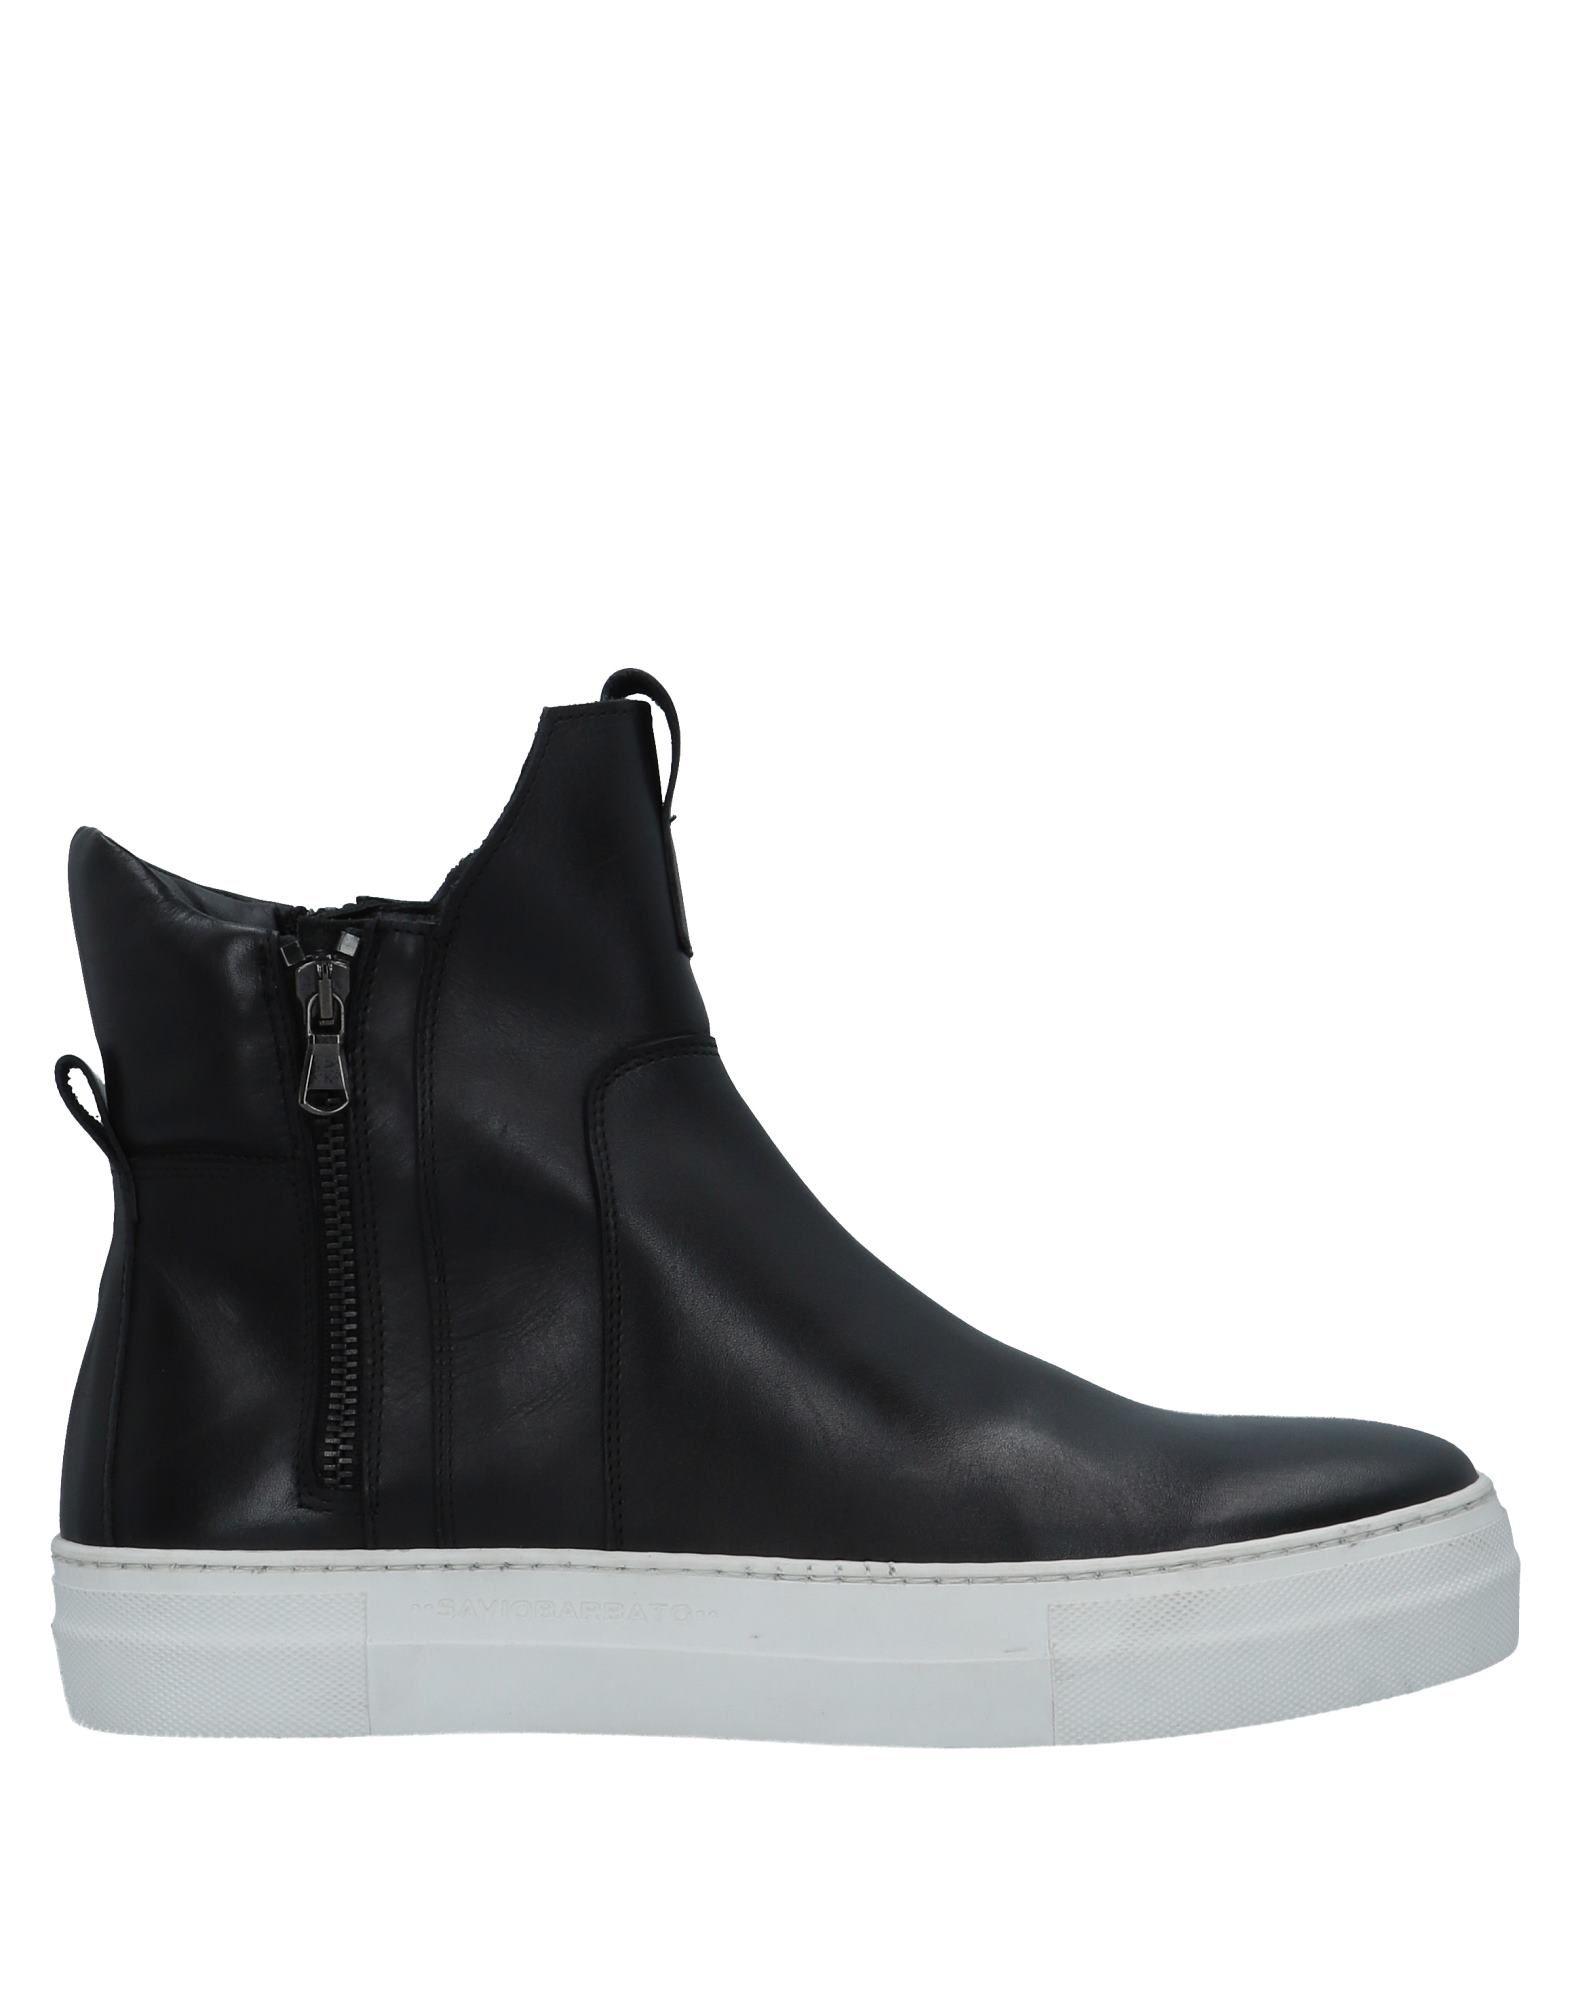 SAVIO BARBATO Boots in Black